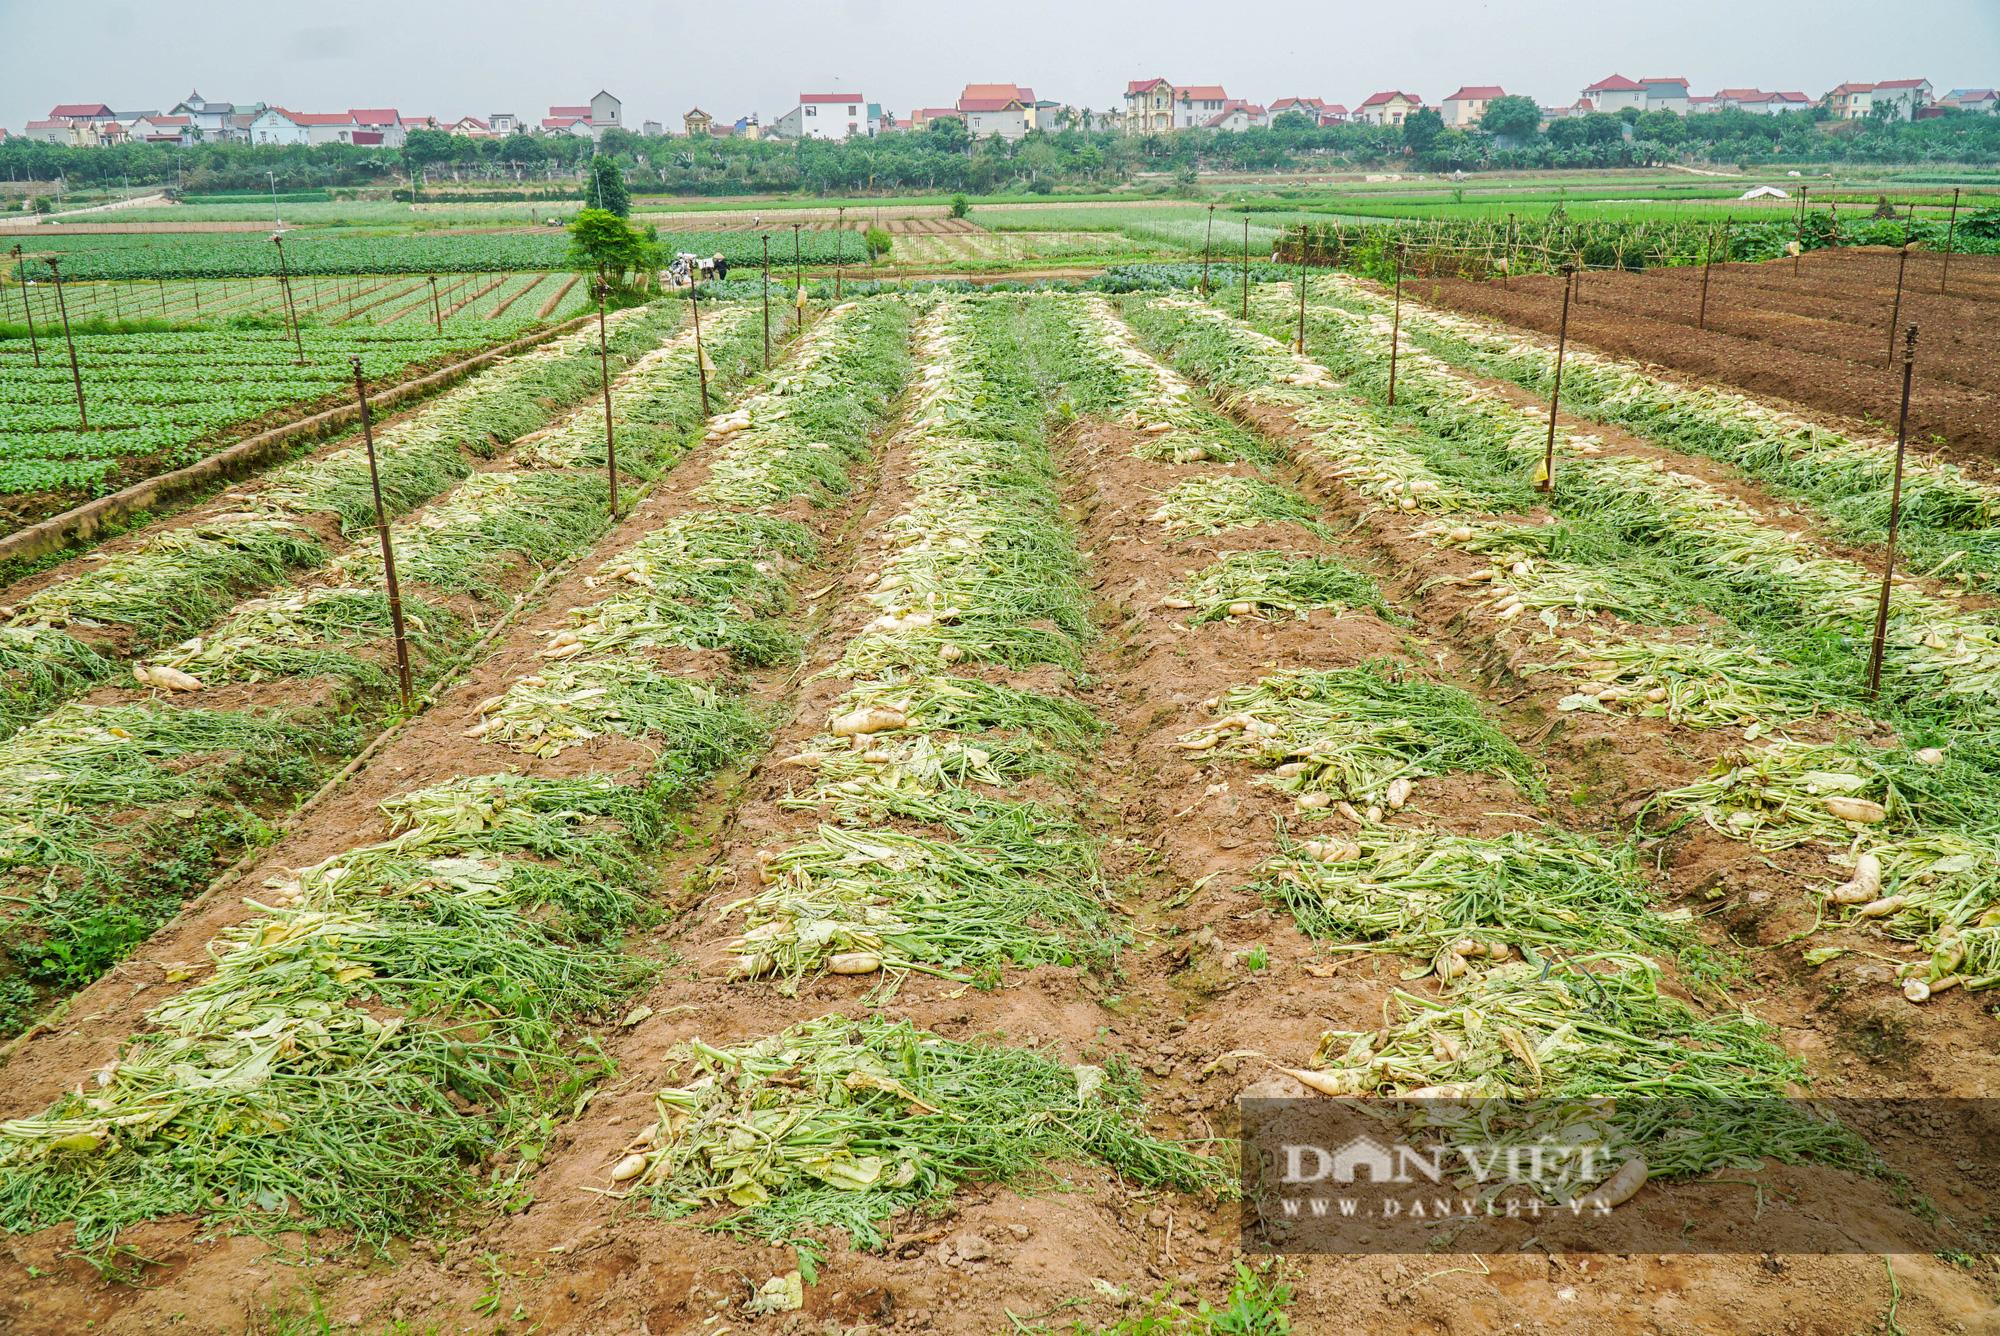 Củ cải thối phơi trắng cánh đồng, cà chua đỏ ửng không ai thu hoạch  - Ảnh 4.